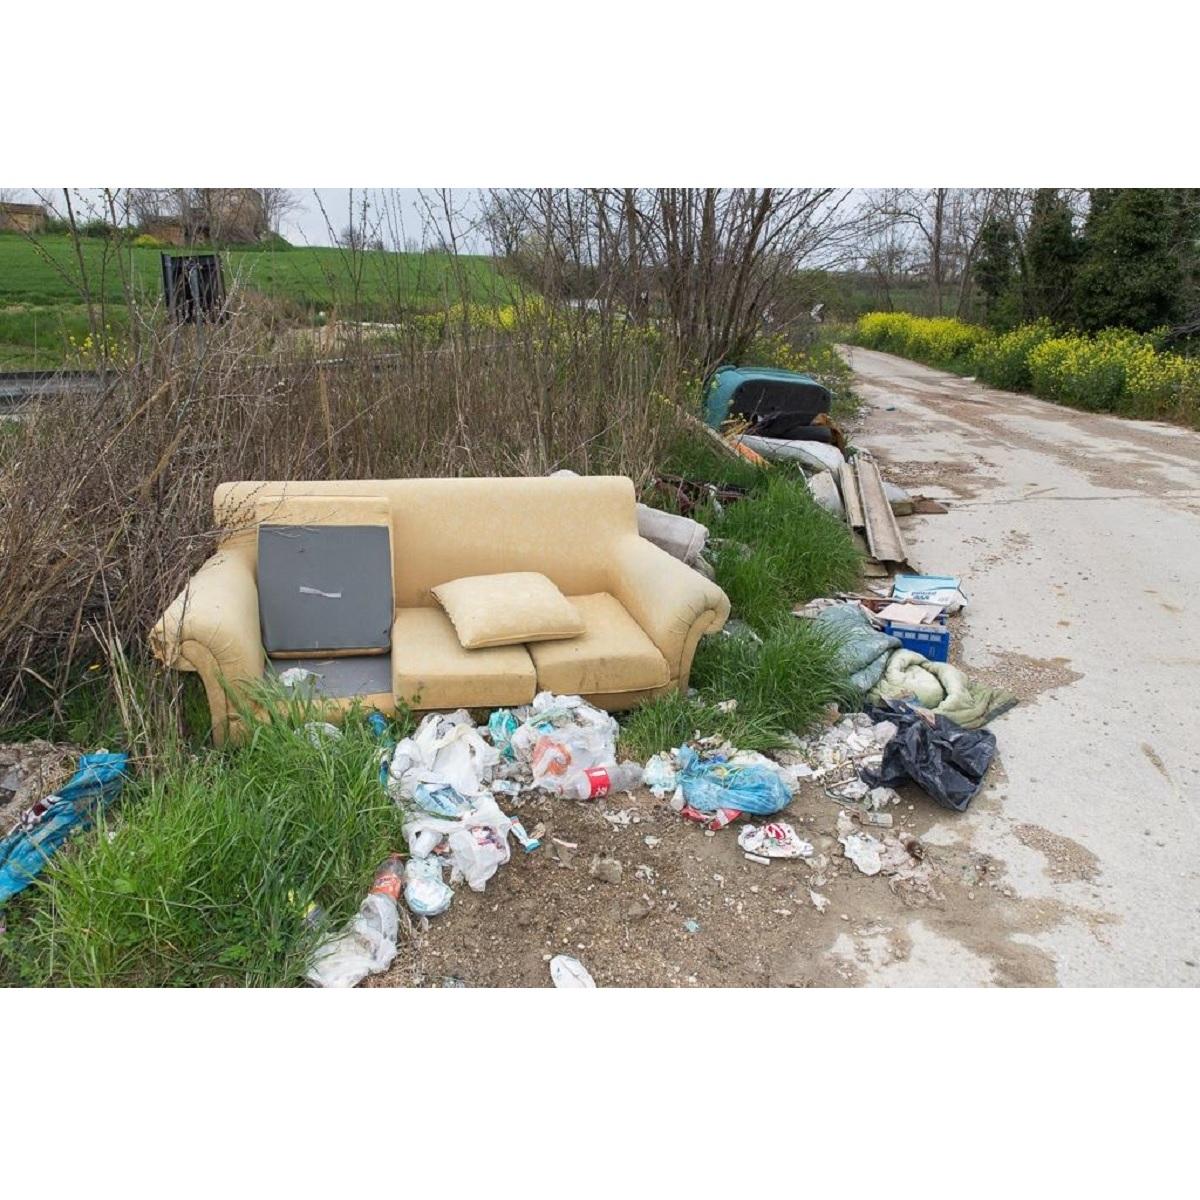 Città Sant'Angelo rimozione rifiuti lungo scarpate foto